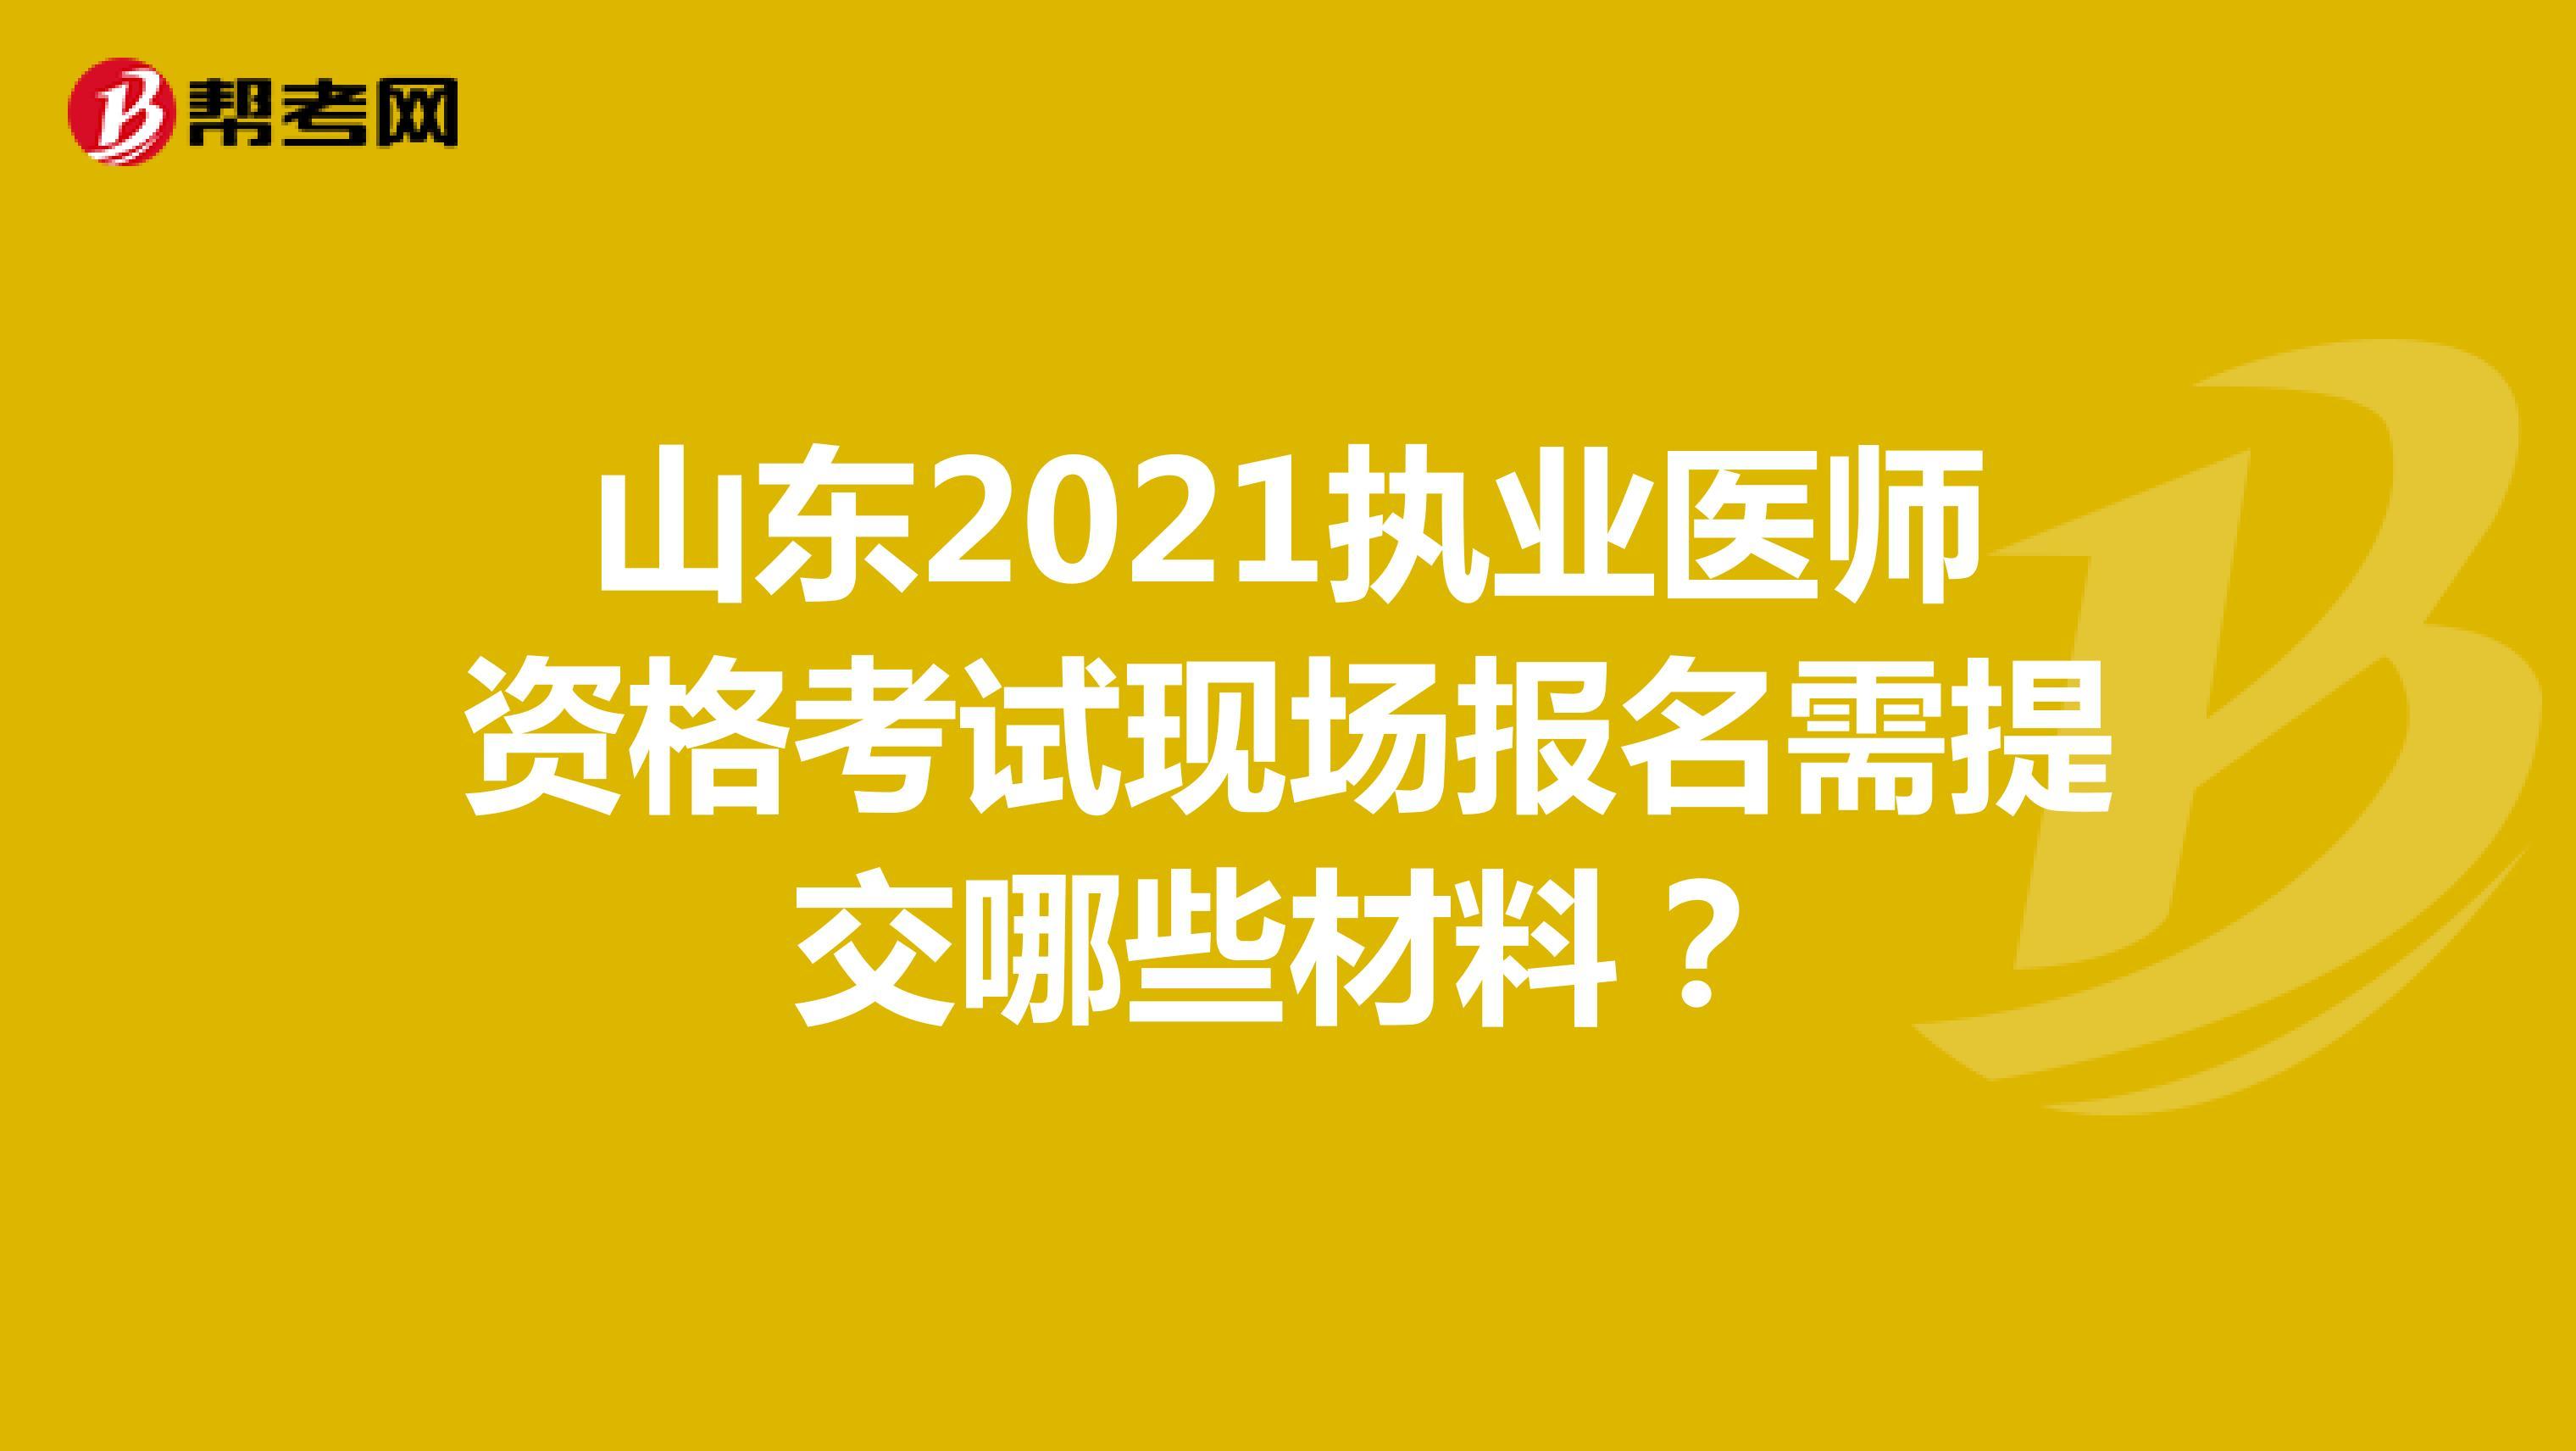 山东2021执业医师资格考试现场报名需提交哪些材料?